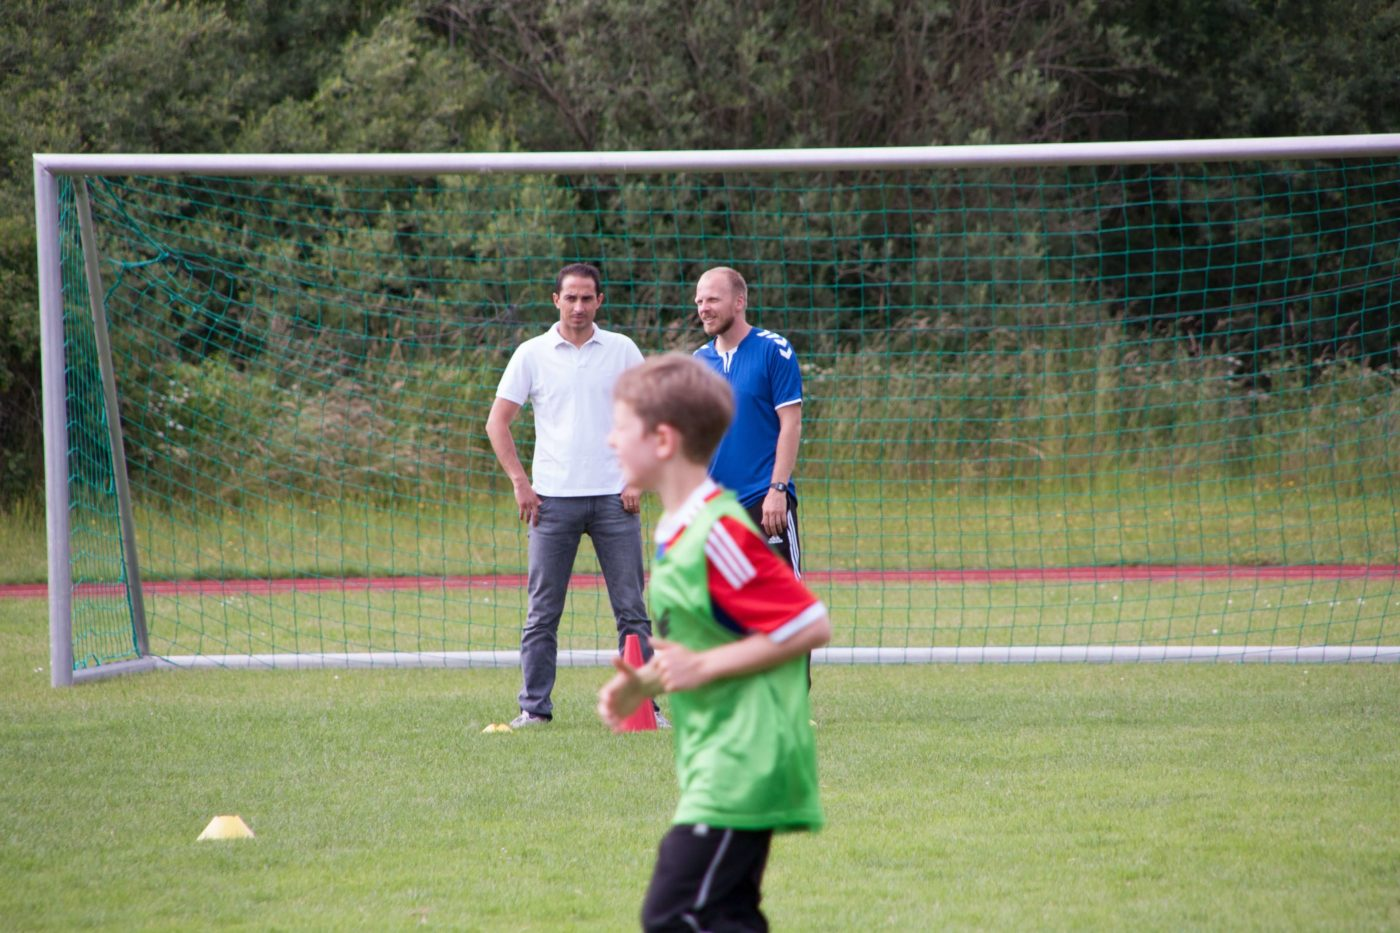 Talentförderung mit professionell ausgebildete Trainer der Fussballschule Alpenkick